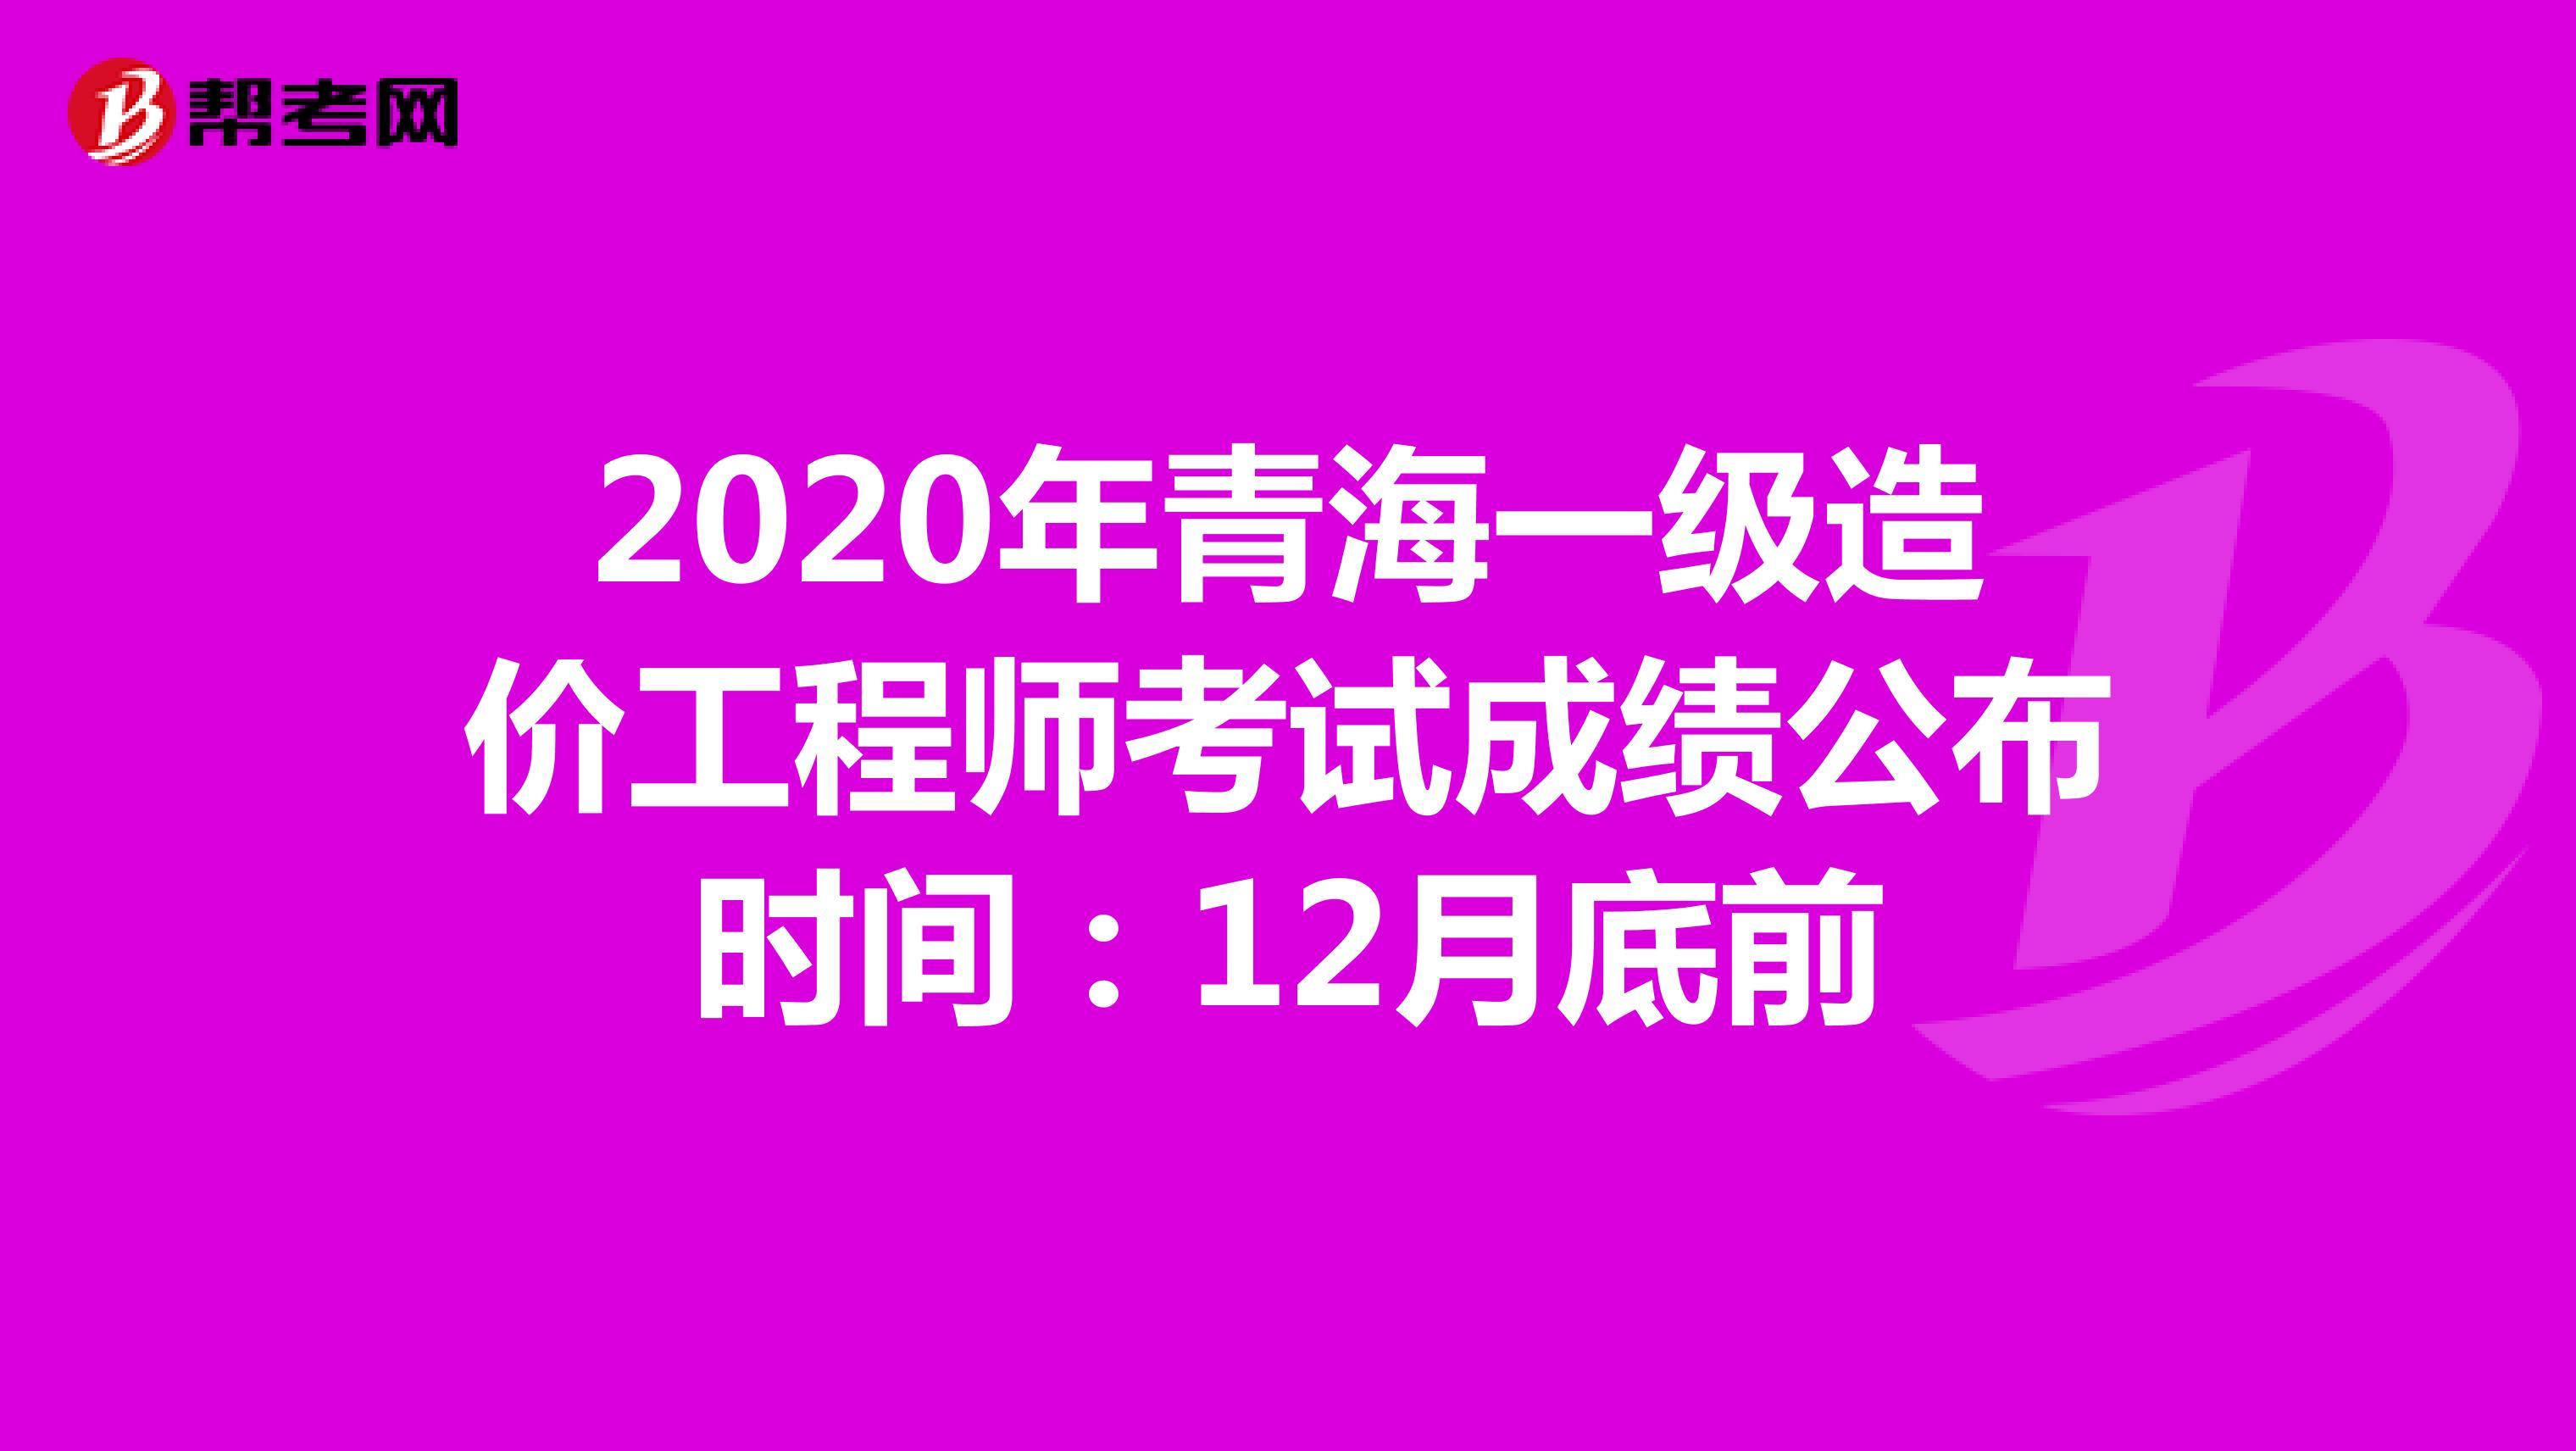 2020年青海一级造价工程师考试成绩公布时间:12月底前